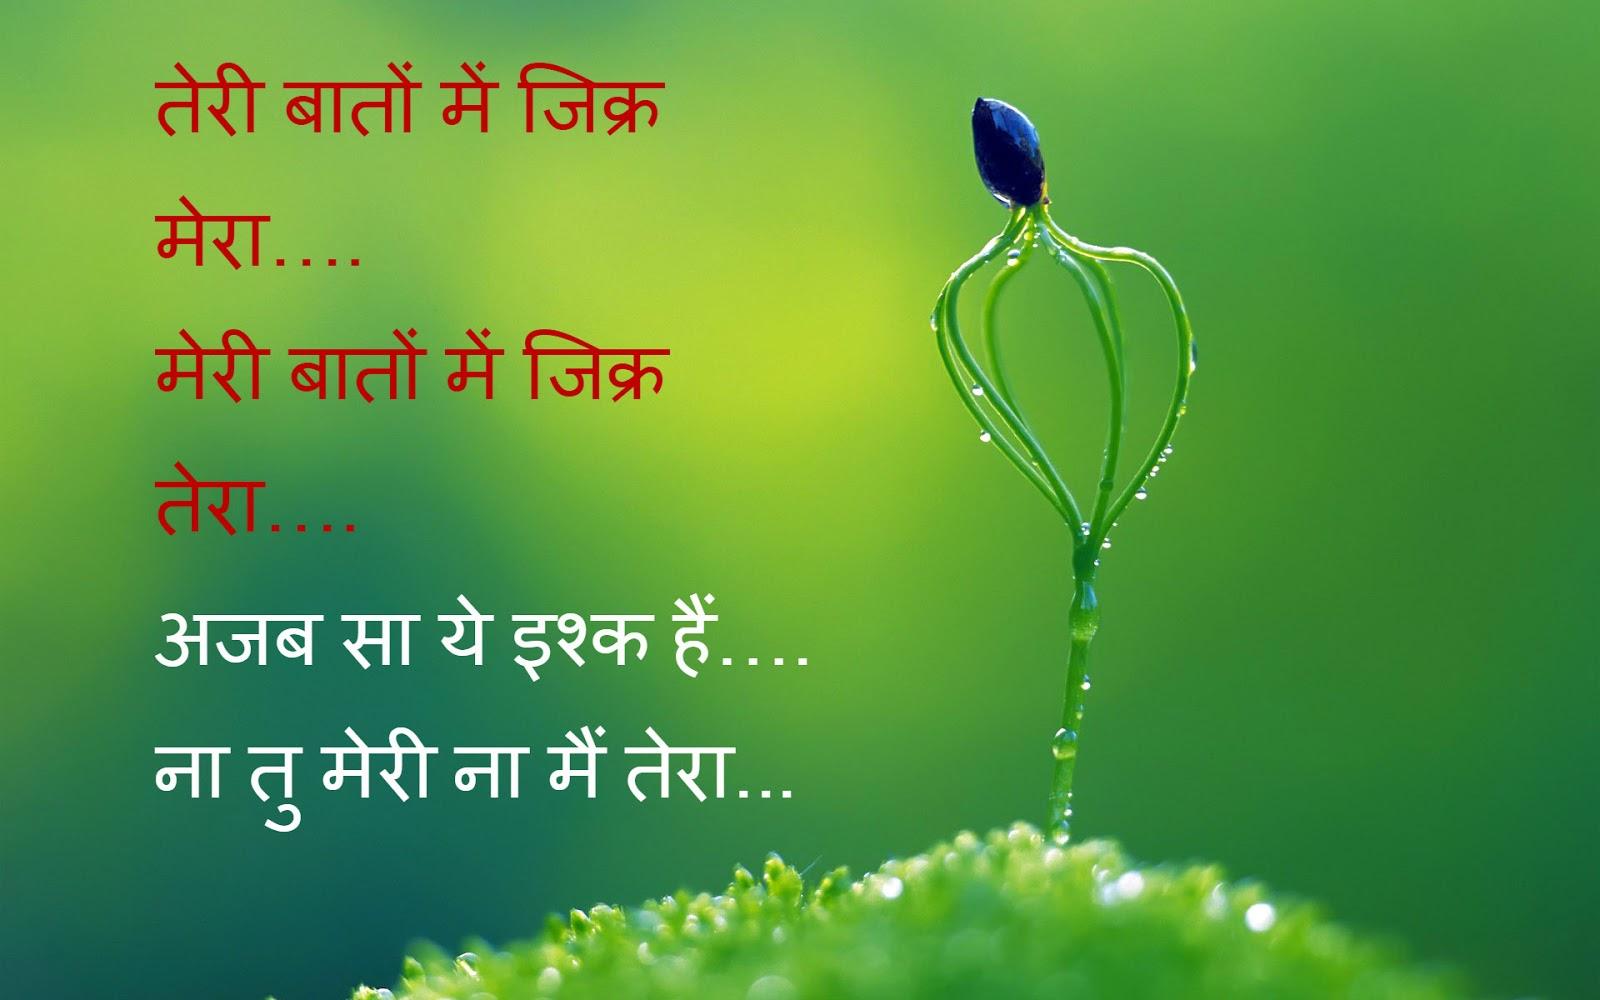 Images hi images shayari : Hindi Shayari images wallpapers